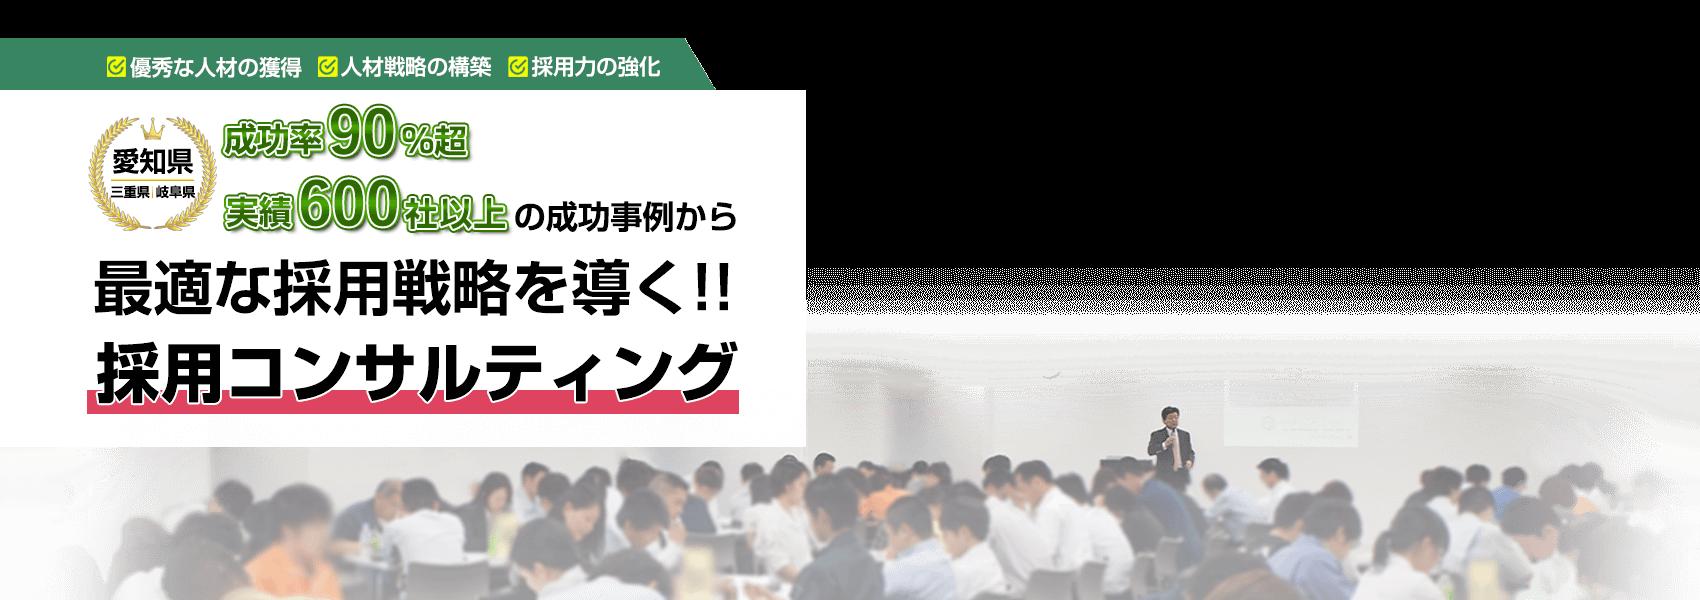 採⽤コンサルティングなら愛知県の株式会社リンクコンサルティンググループ